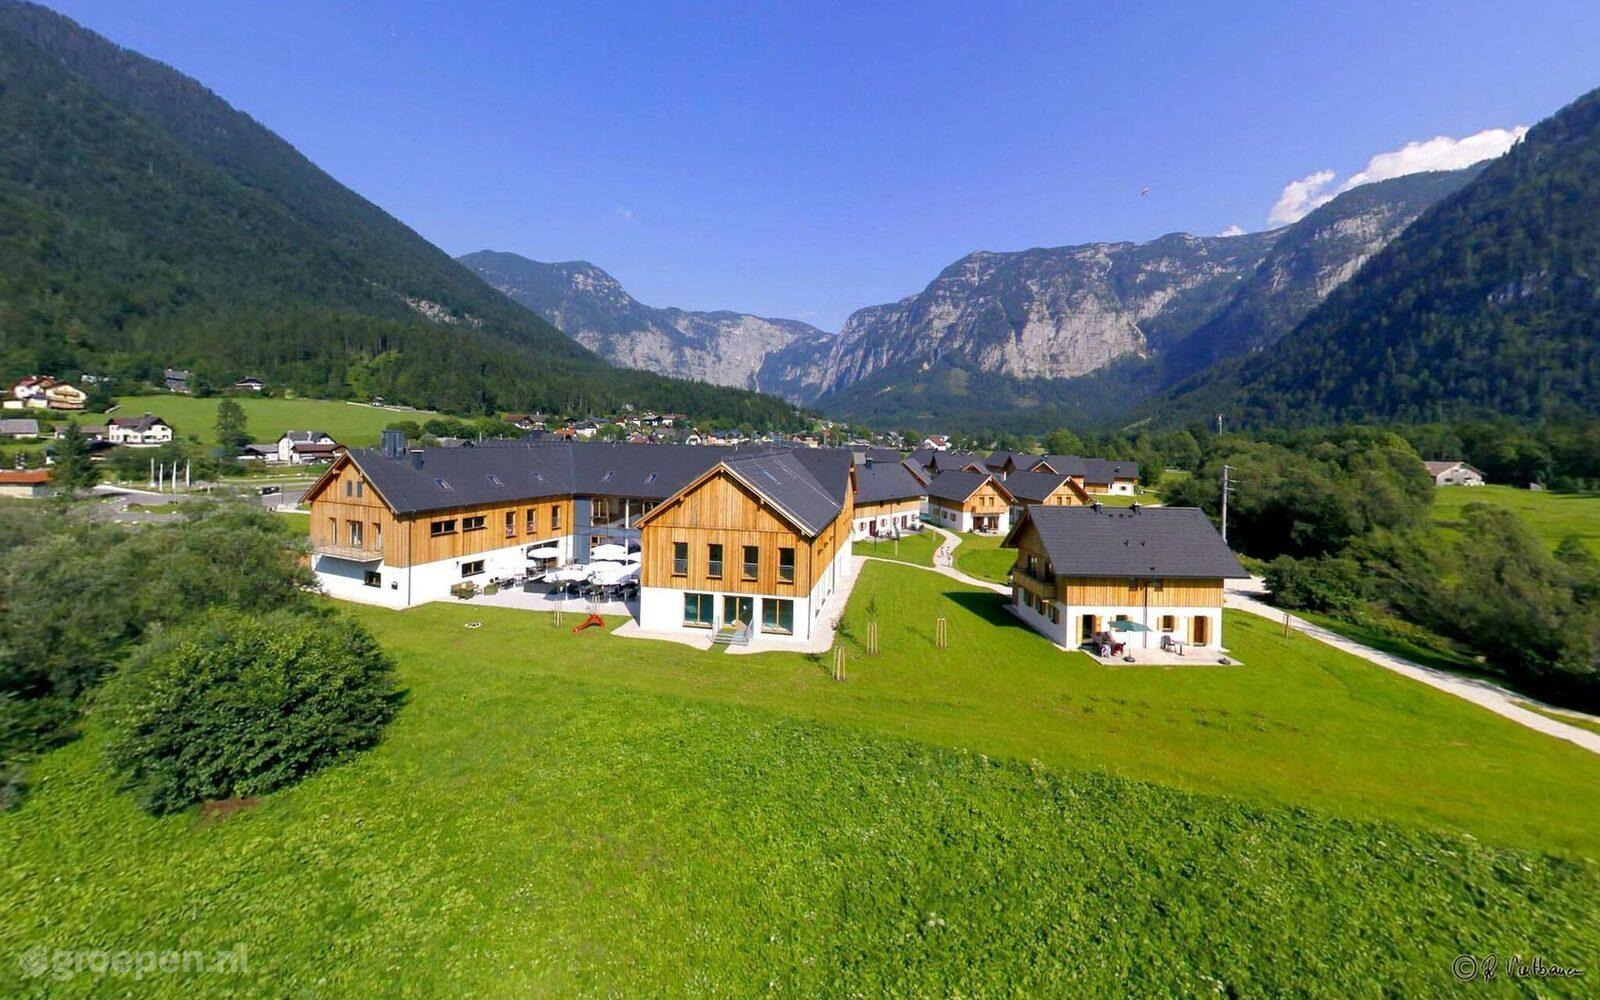 Vakantiehuis Obertraun